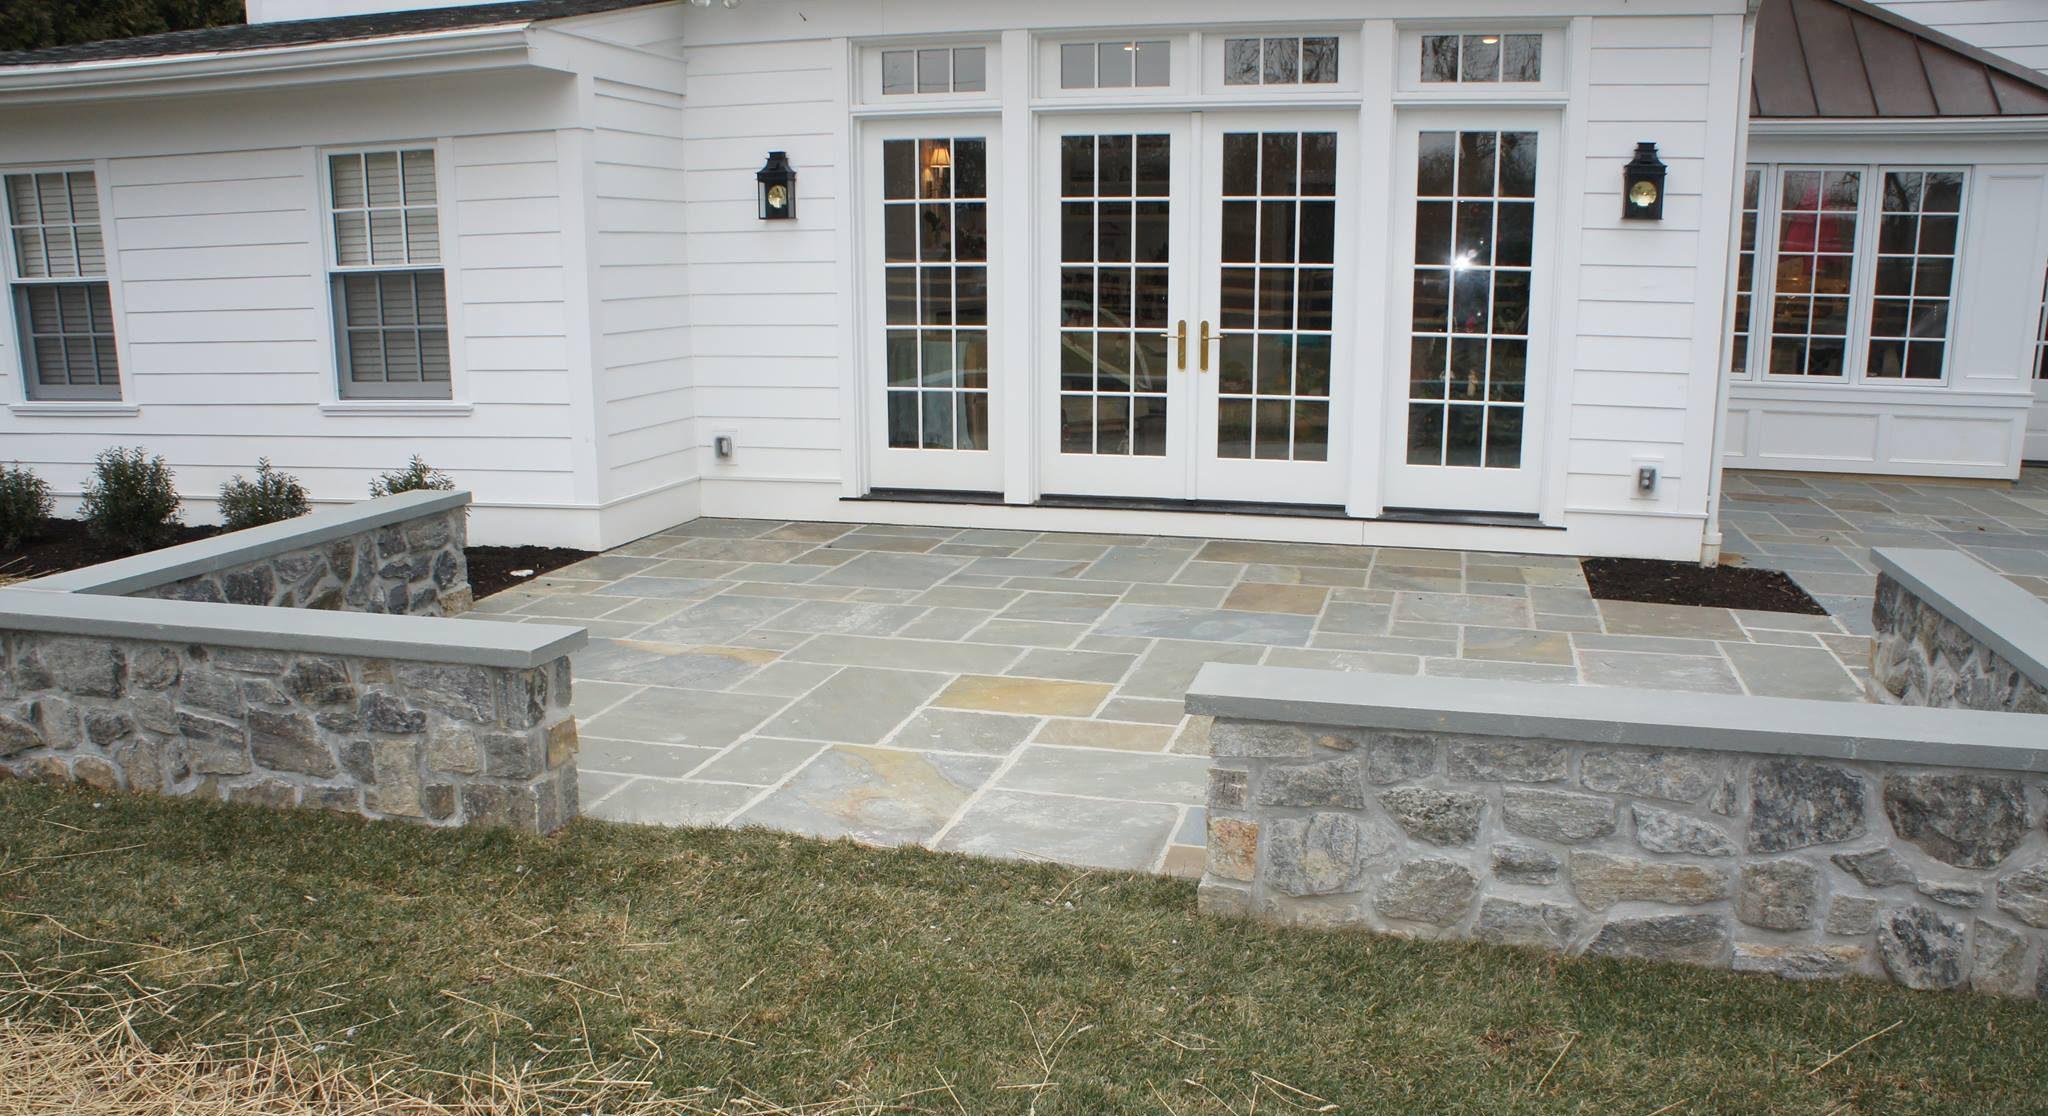 Top Notch General Contracting   Wayne Patio   Wayne Deck   Stone Patio